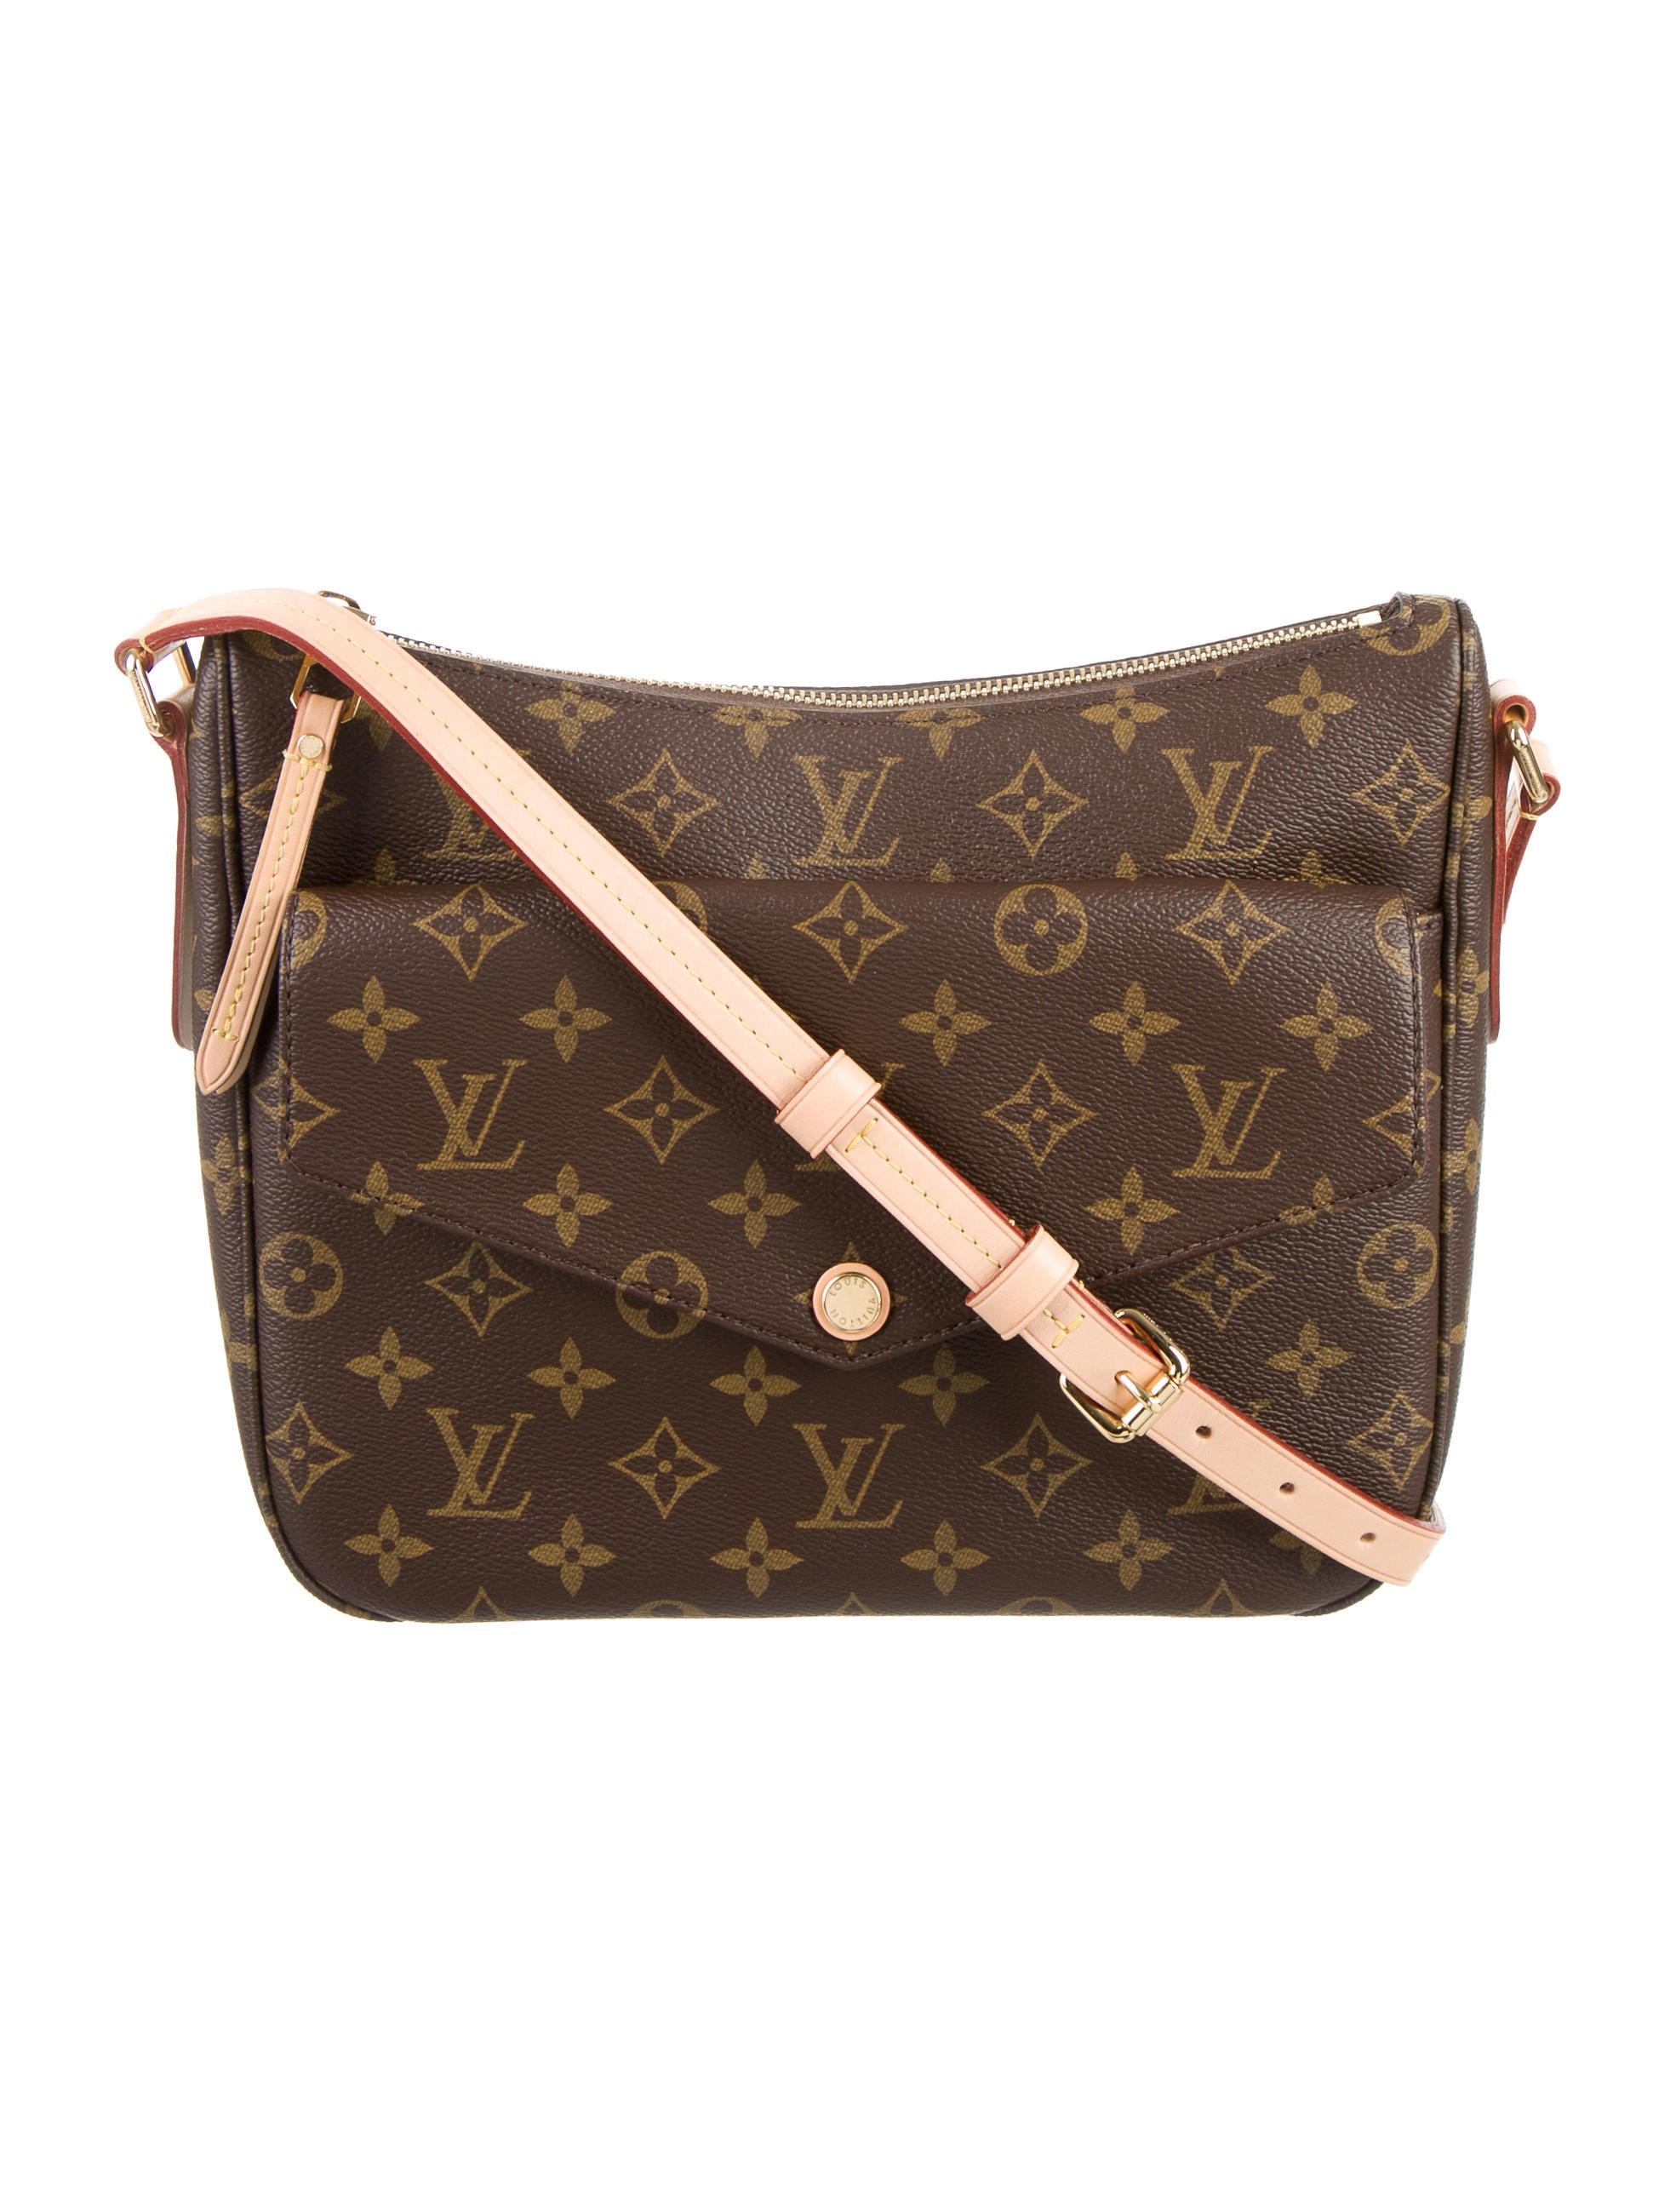 3e64e3438dd8 Louis Vuitton 2016 Monogram Mabillon Crossbody Bag - Handbags ...